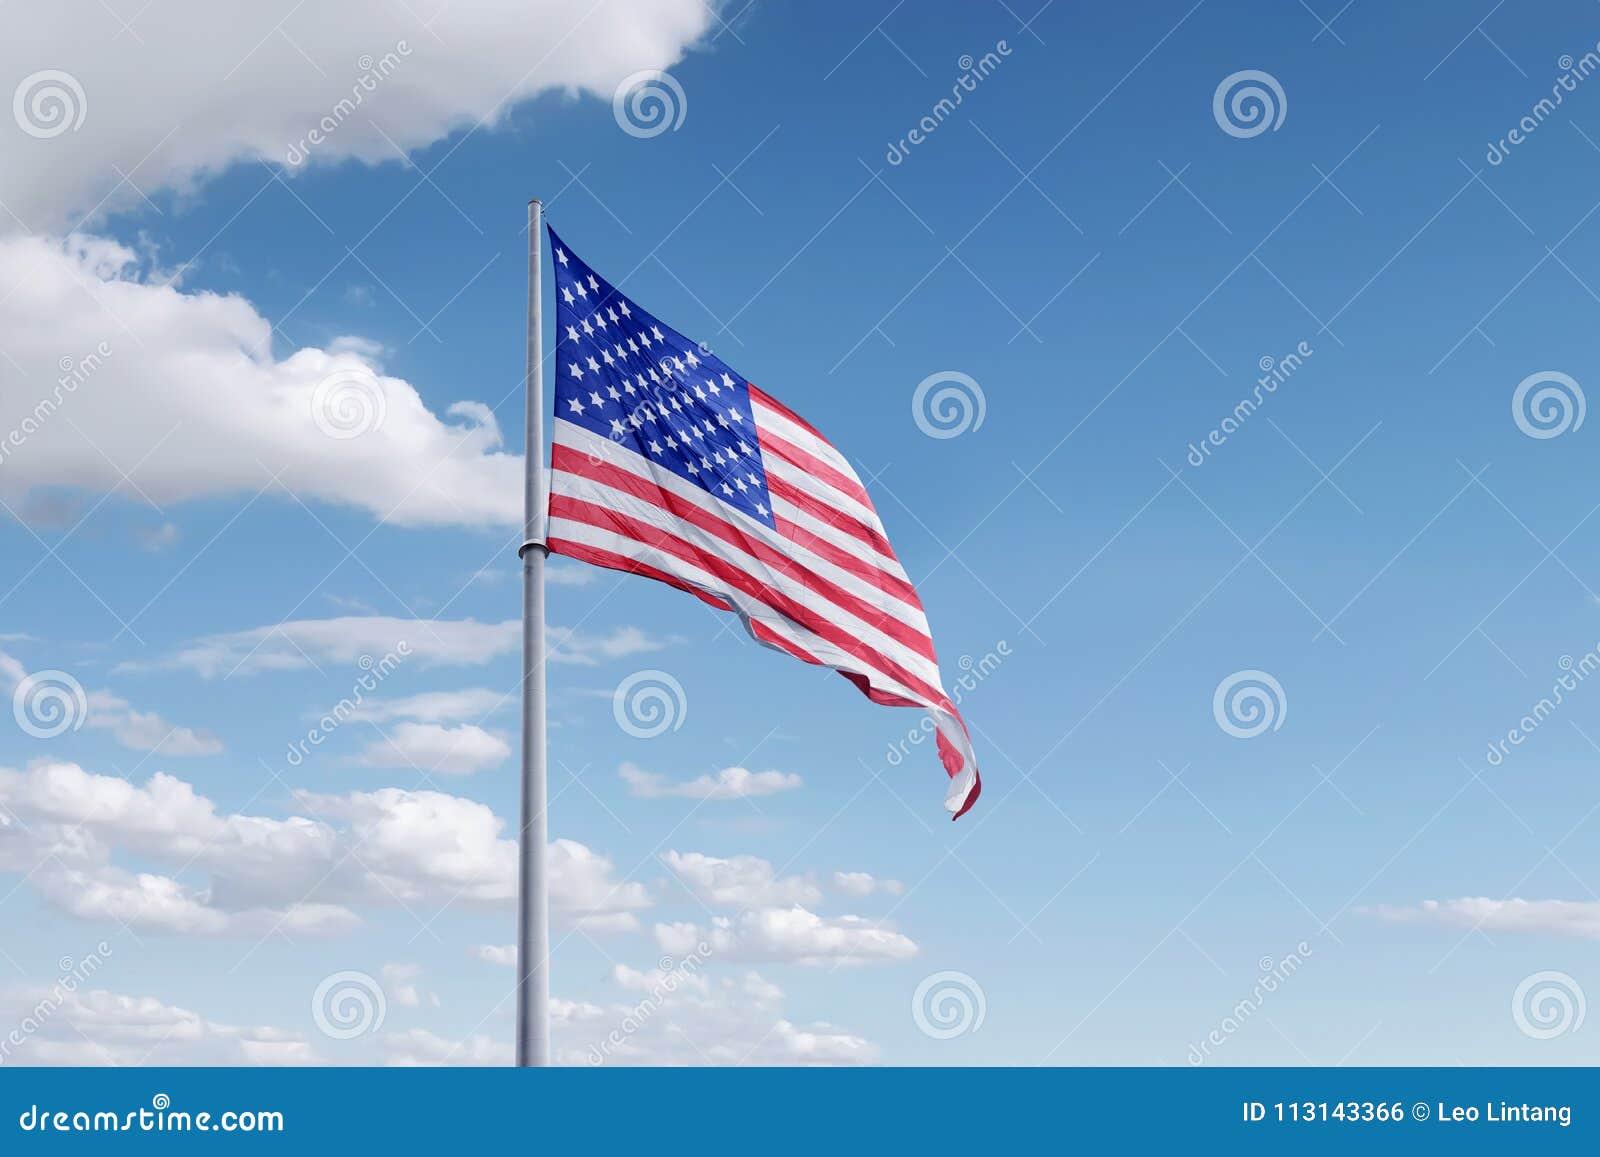 Onafhankelijkheid Dag vierde van juli